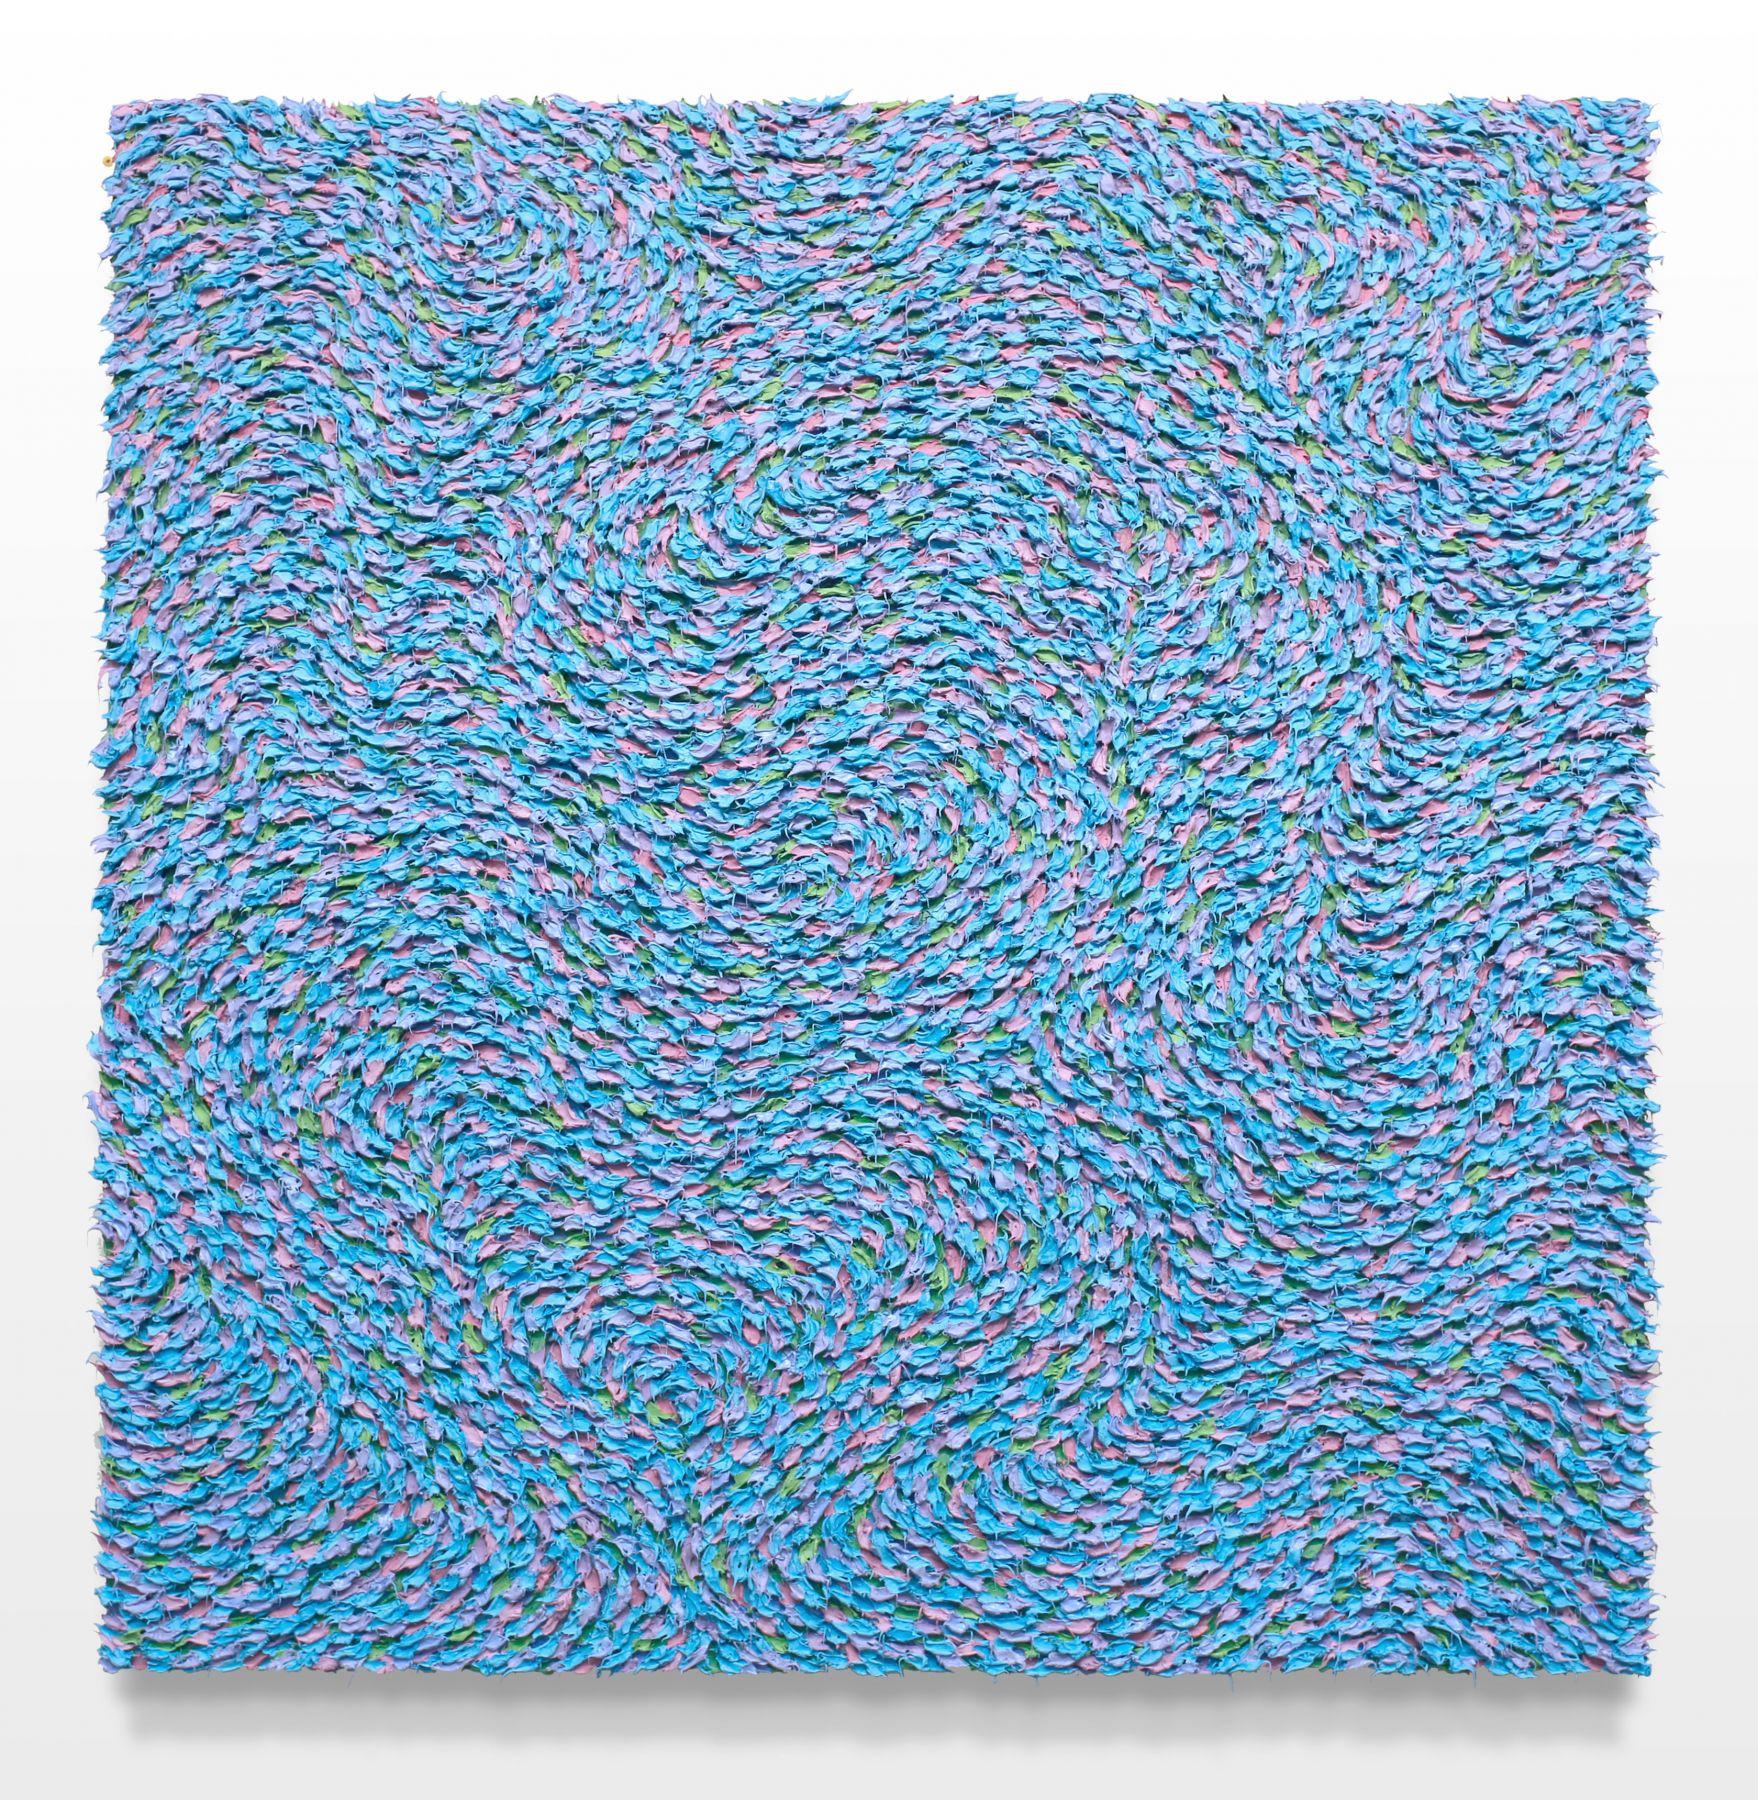 Robert Sagerman, 15,045, 2020